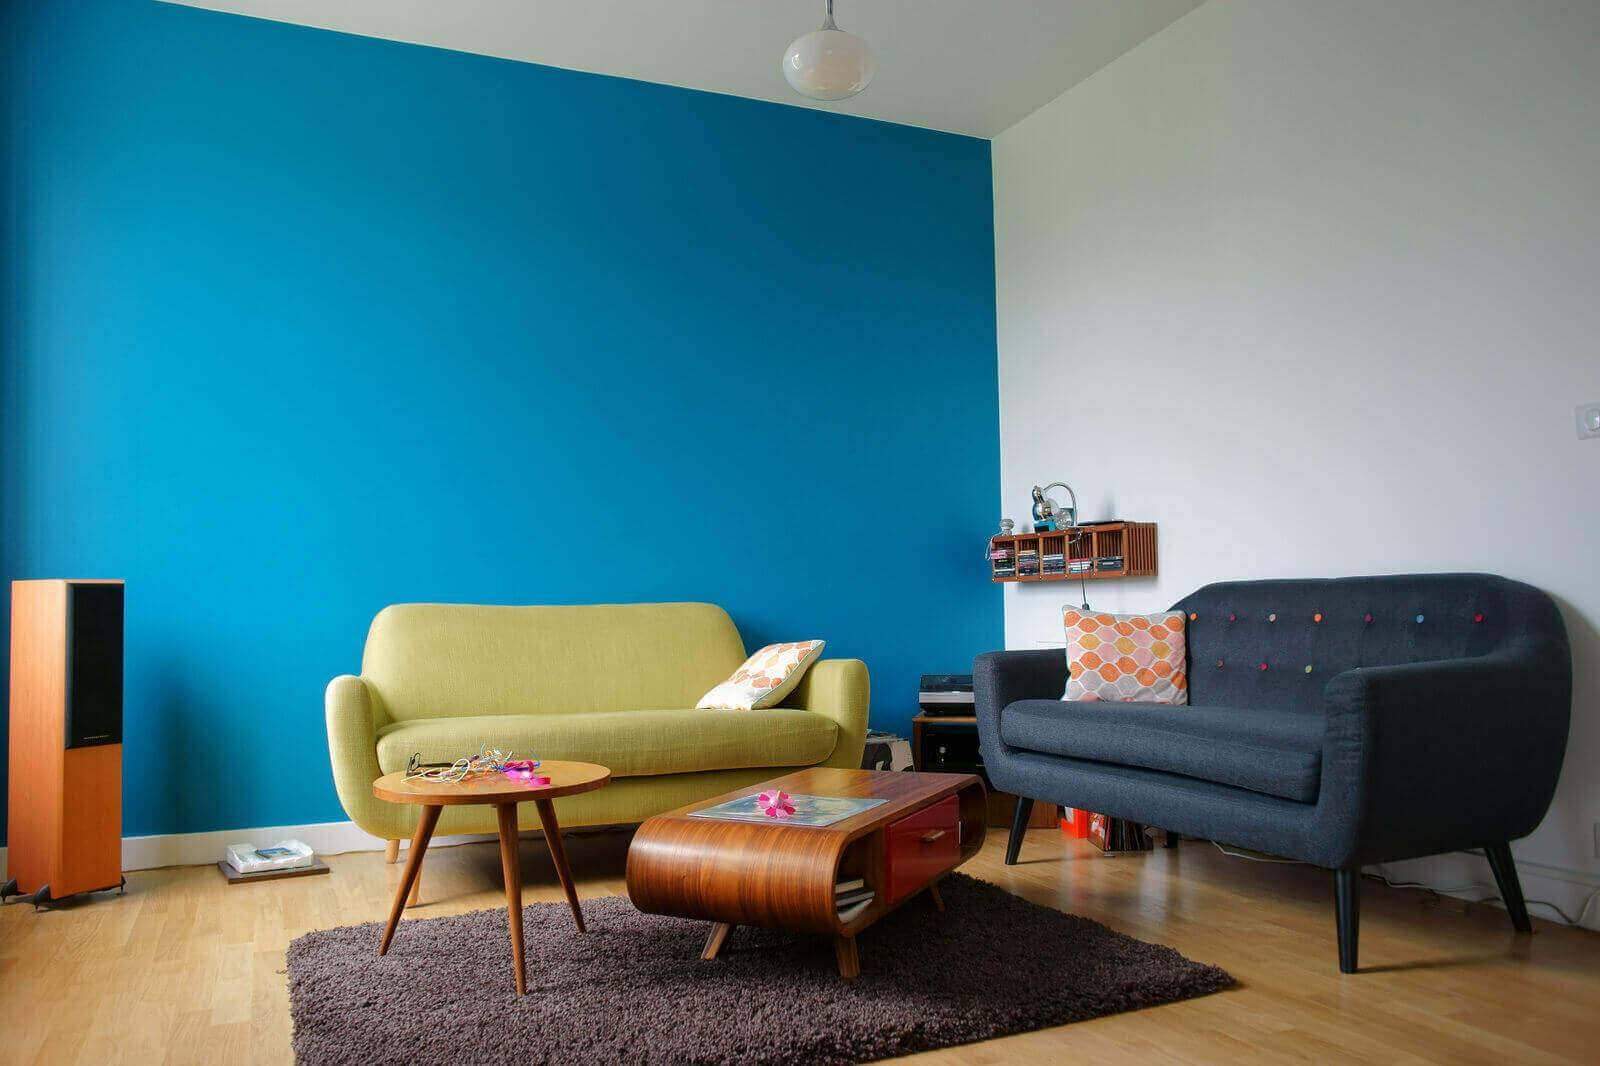 картинки крашеные стены в квартире оглянулась вокруг увидела